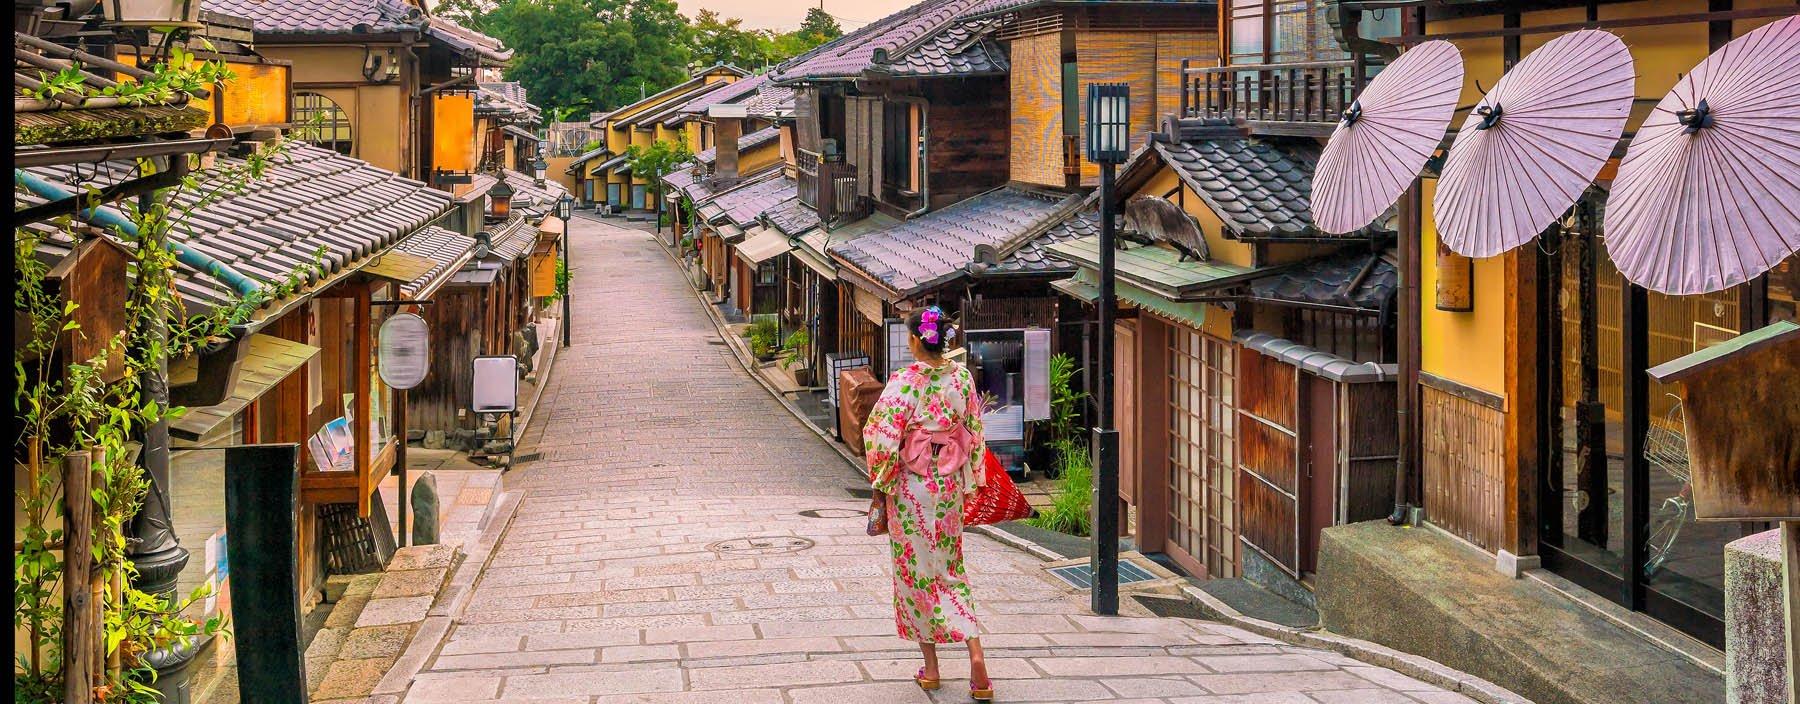 jp, kyoto, old town kyoto.jpg